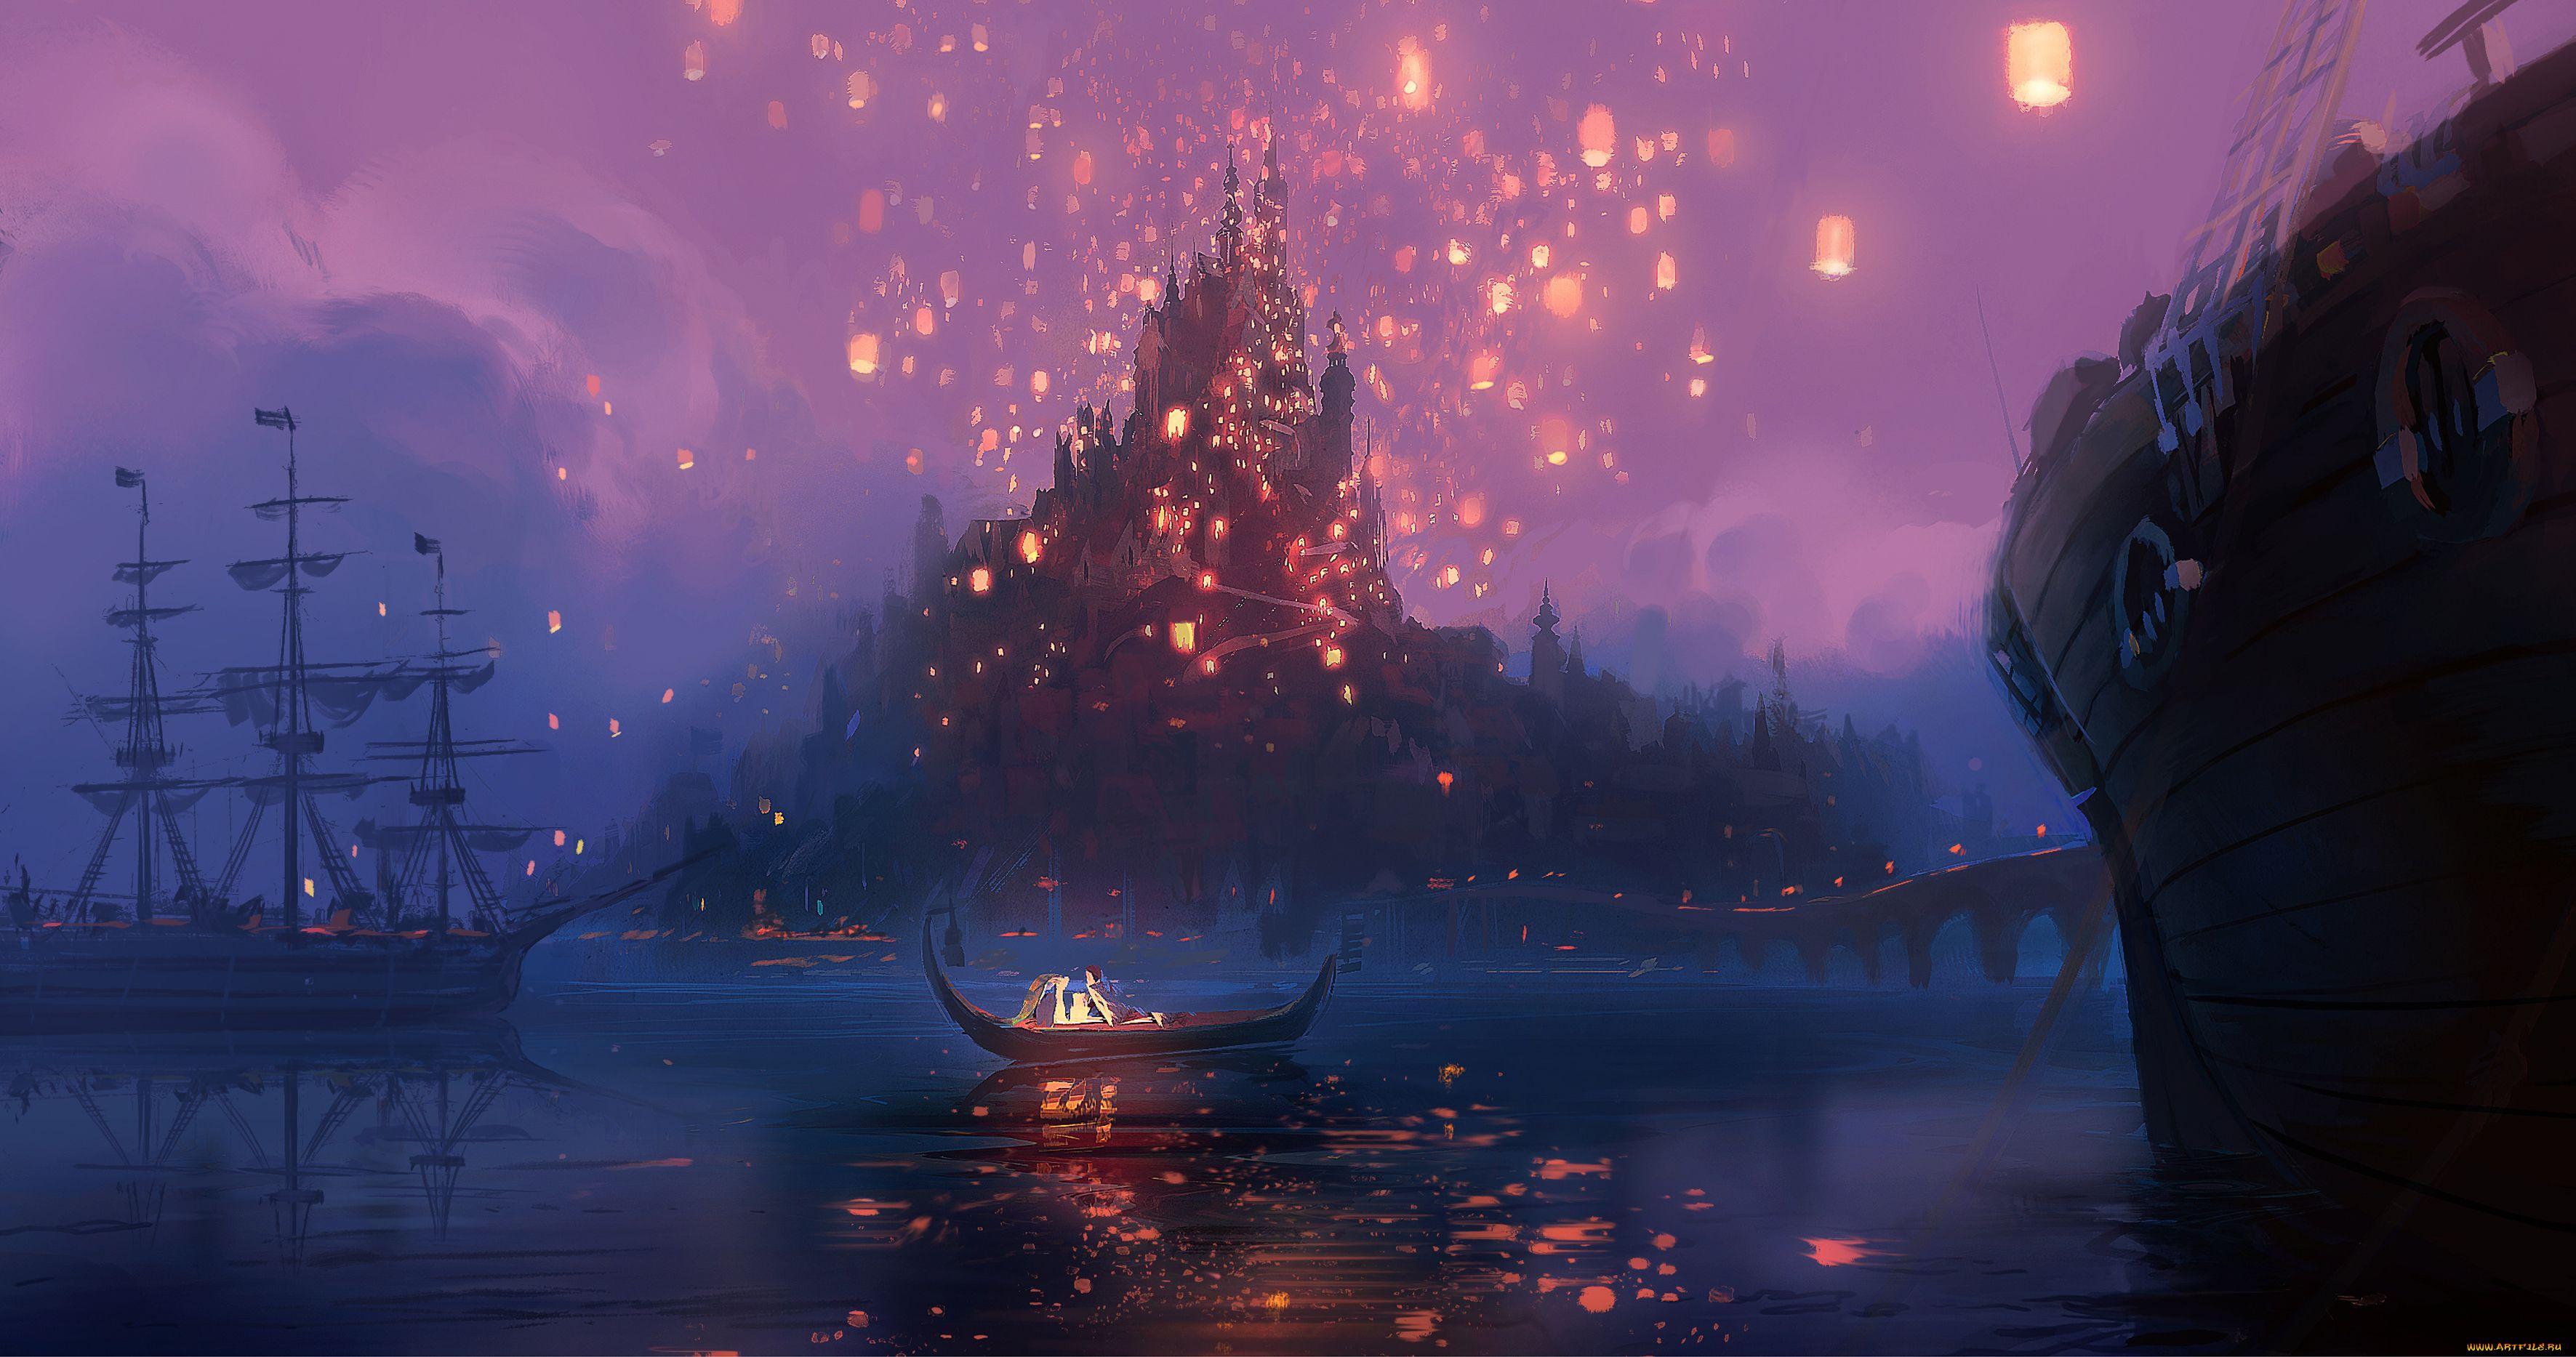 Принцесса под небесными фонариками  № 2222711 бесплатно